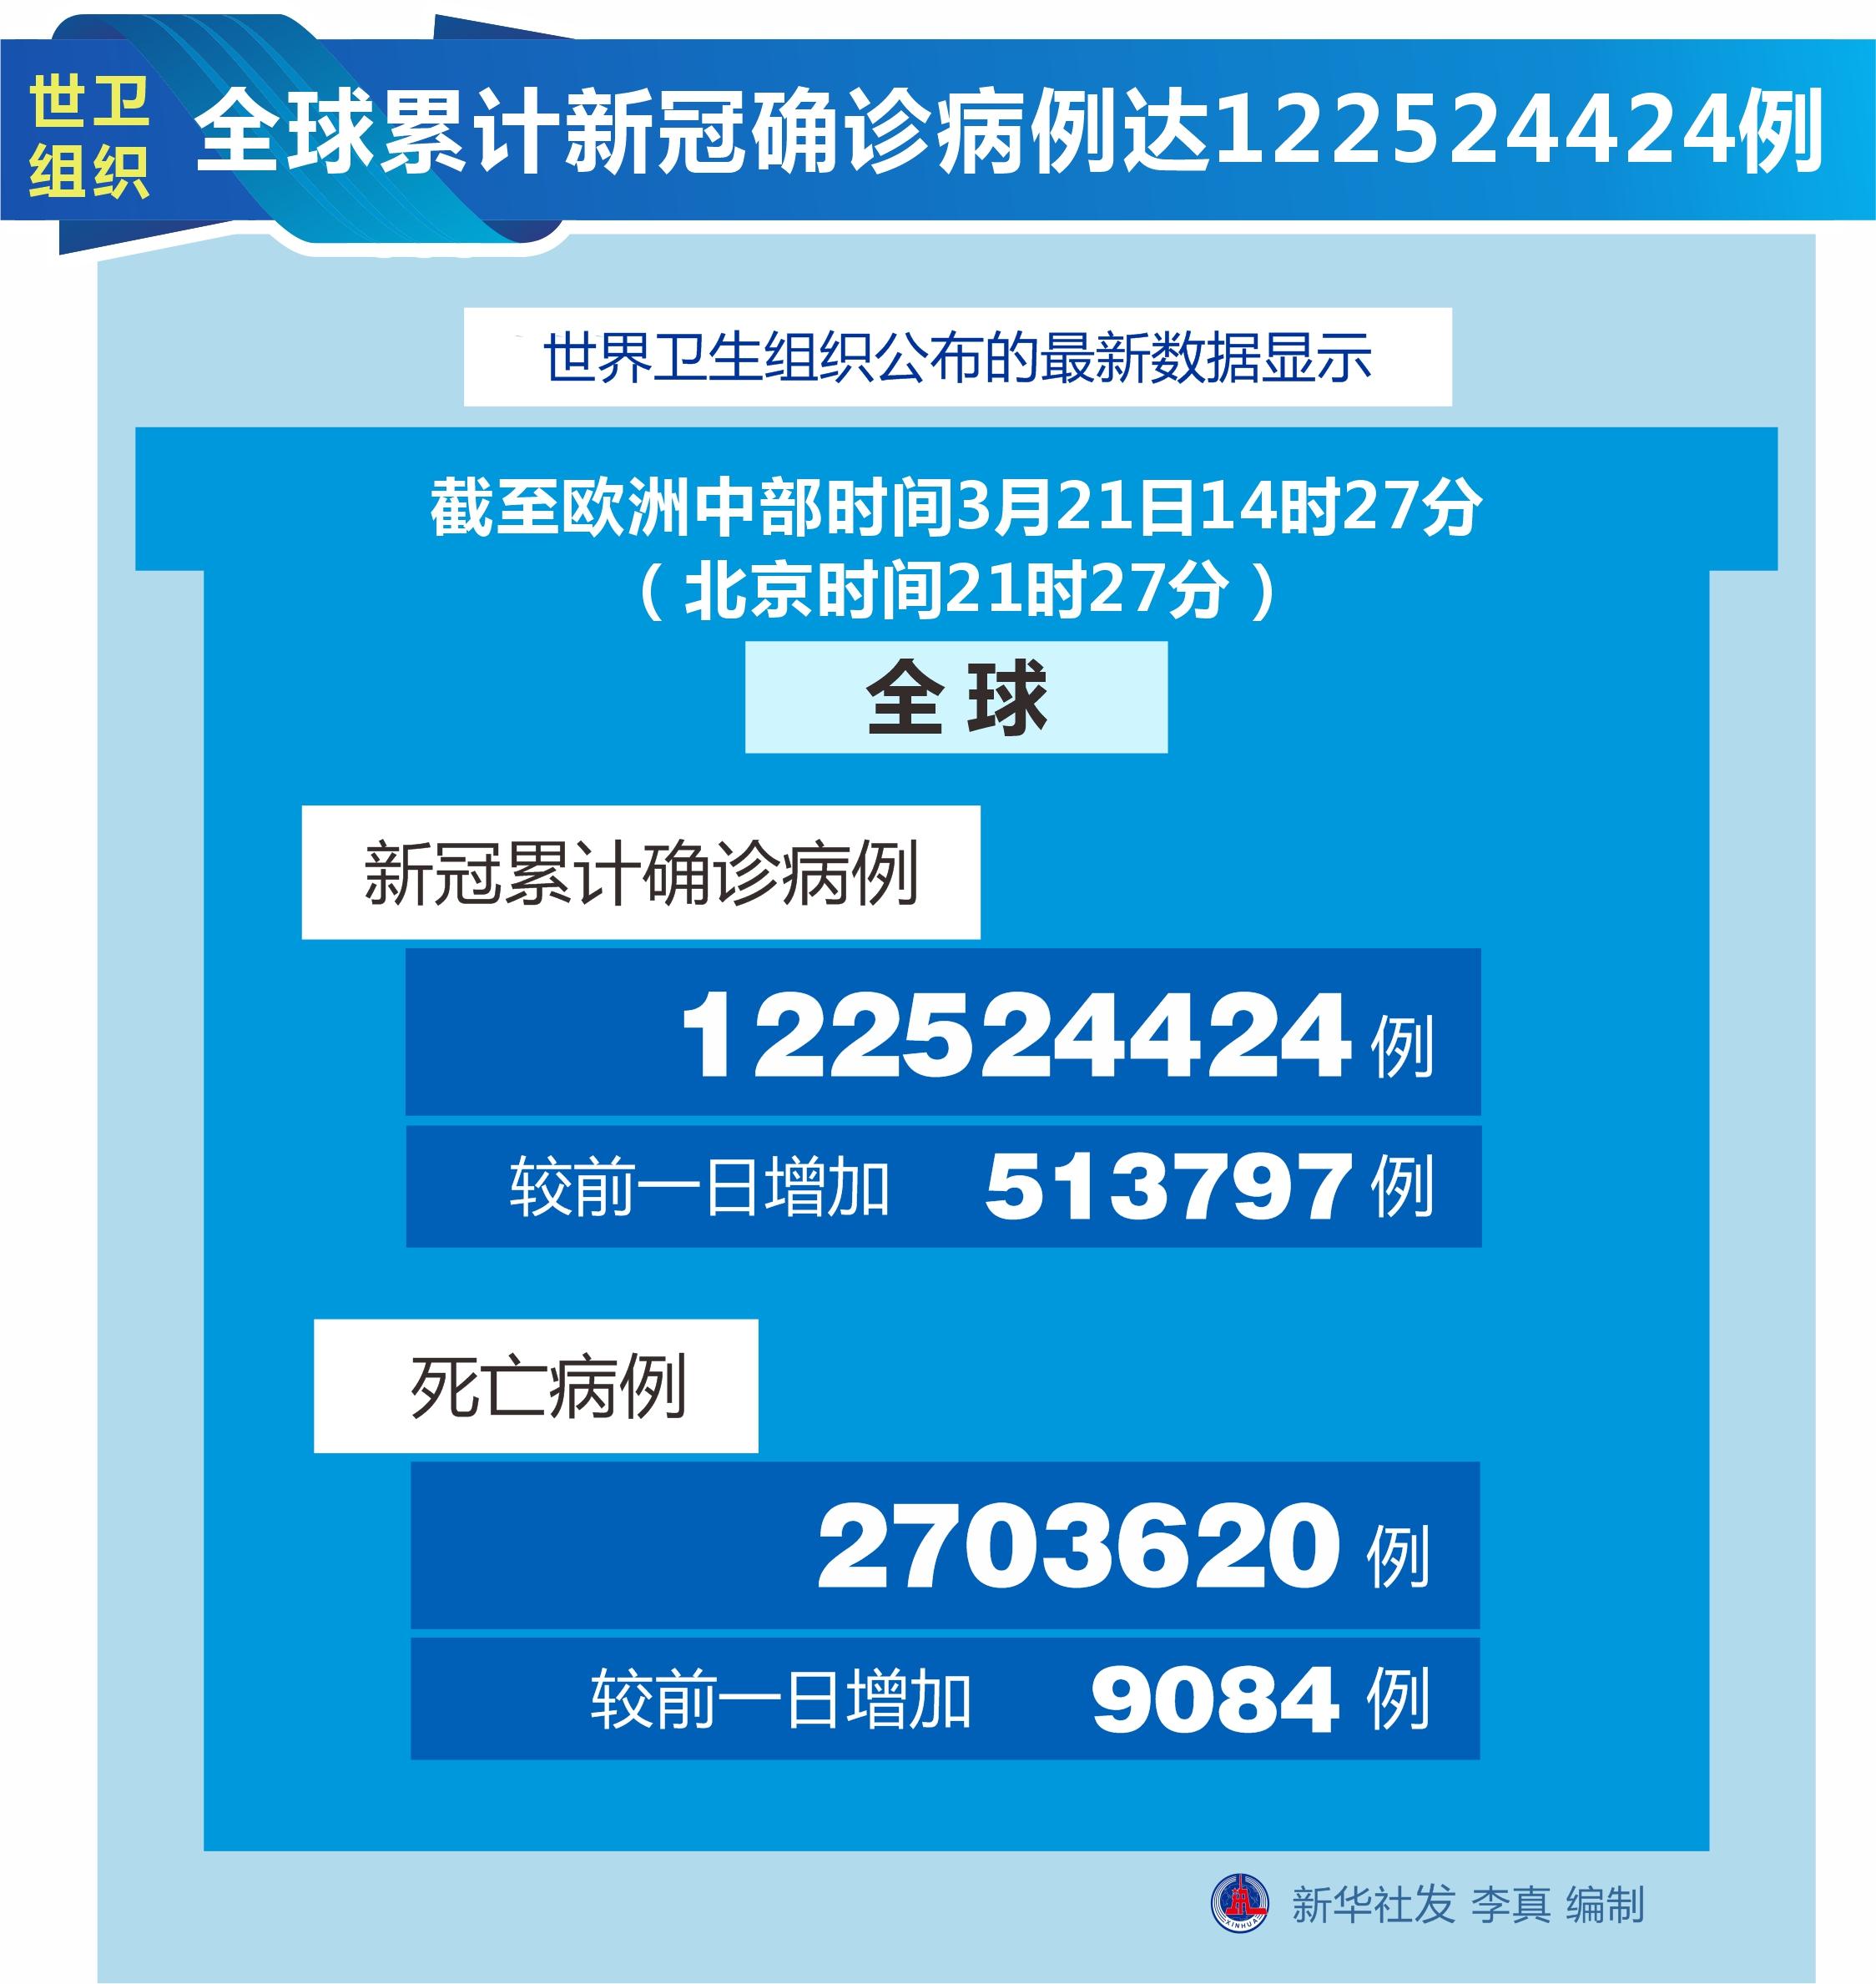 【国际疫情】世界卫生组织:新冠肺炎累计确诊病例数达到122,524,424例